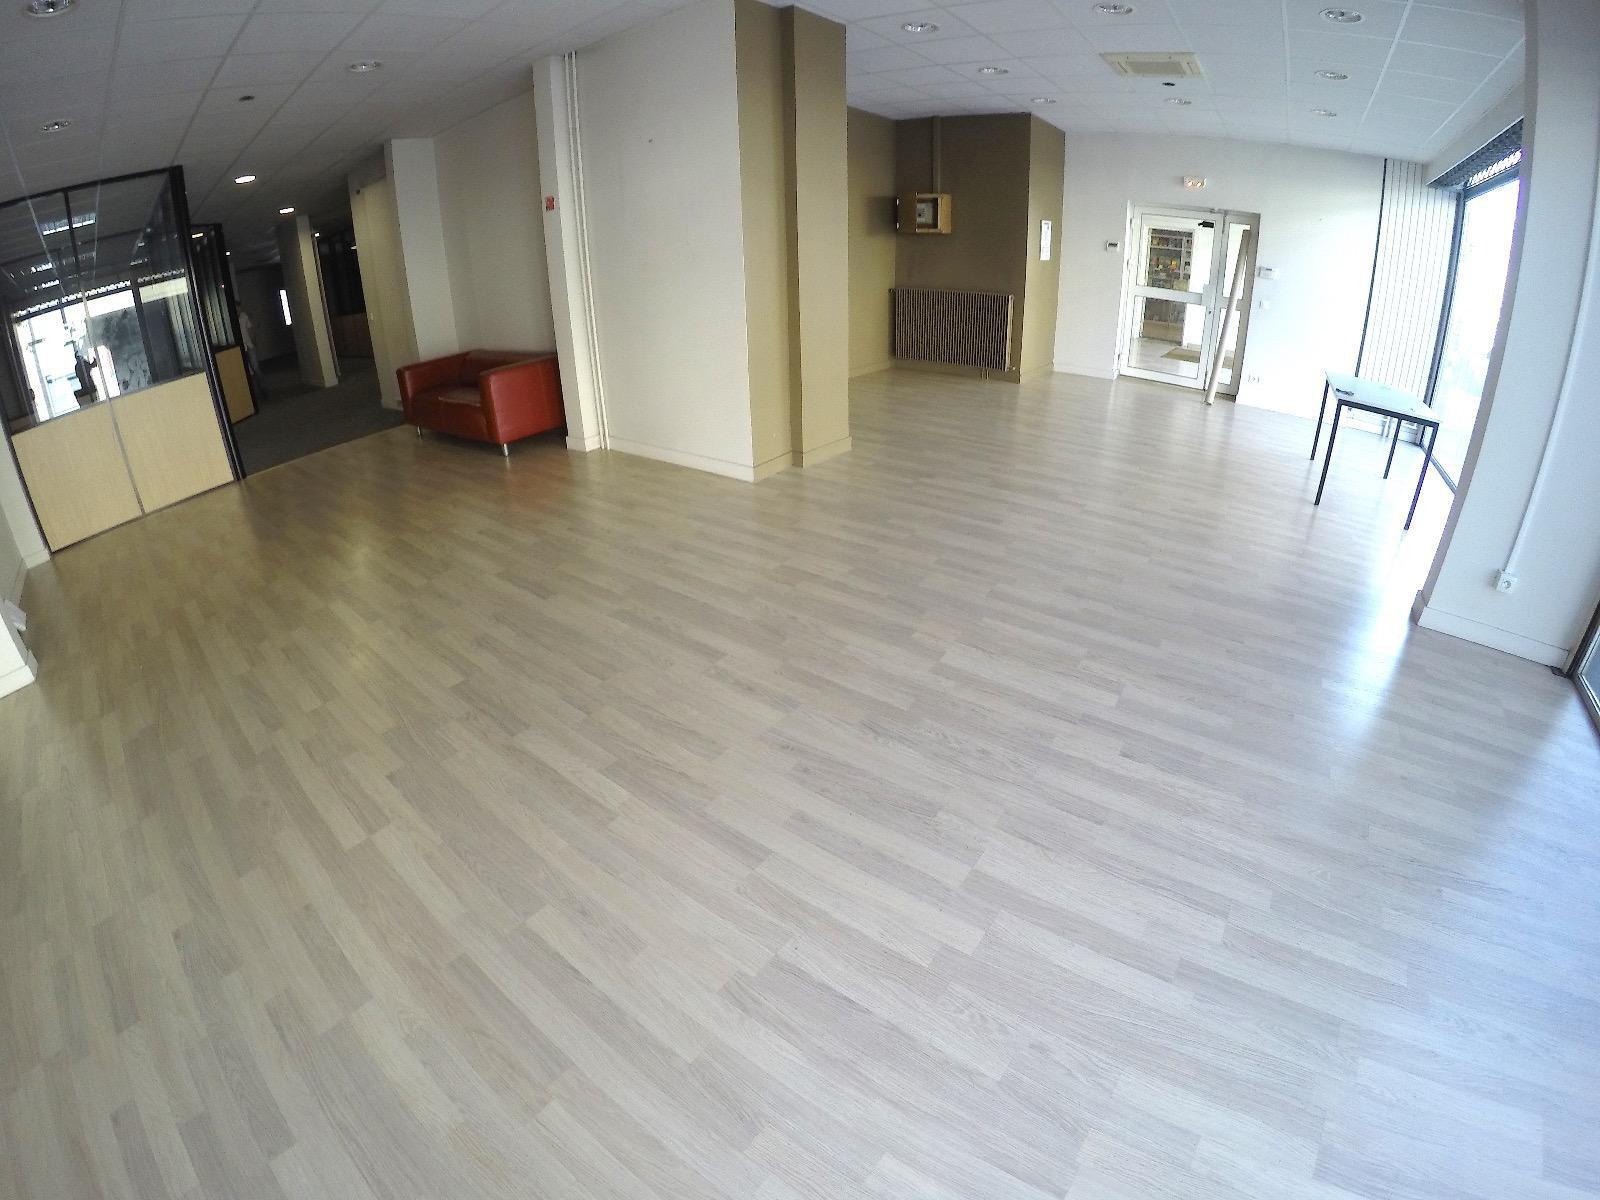 L380 - Annecy, grandes surfaces de bureaux entiérement amenagées